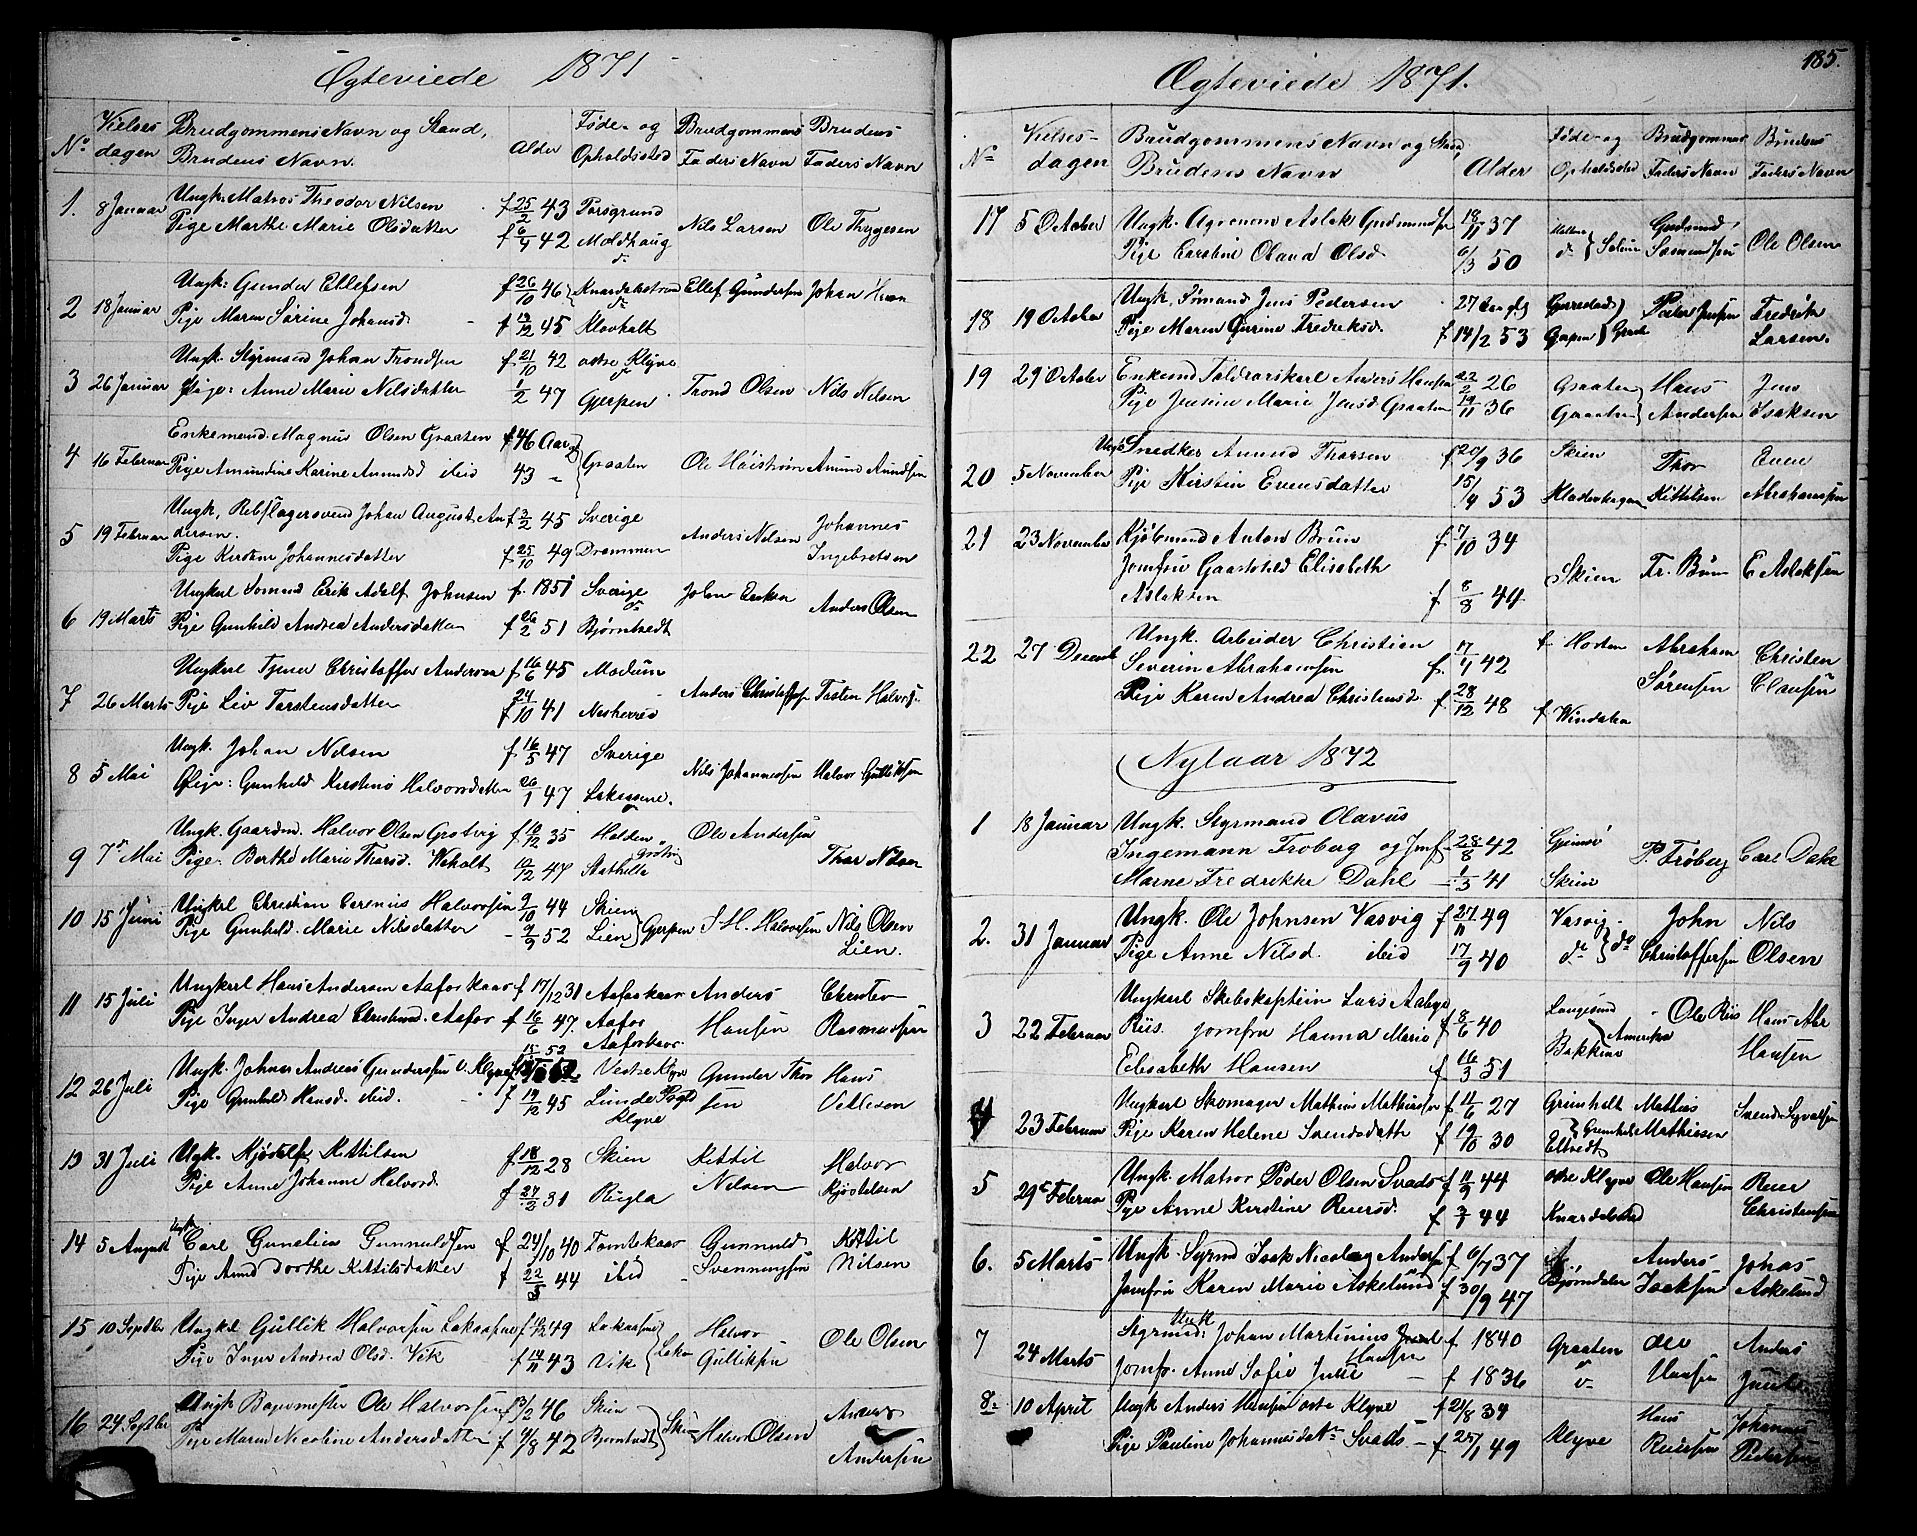 SAKO, Solum kirkebøker, G/Ga/L0004: Klokkerbok nr. I 4, 1859-1876, s. 185